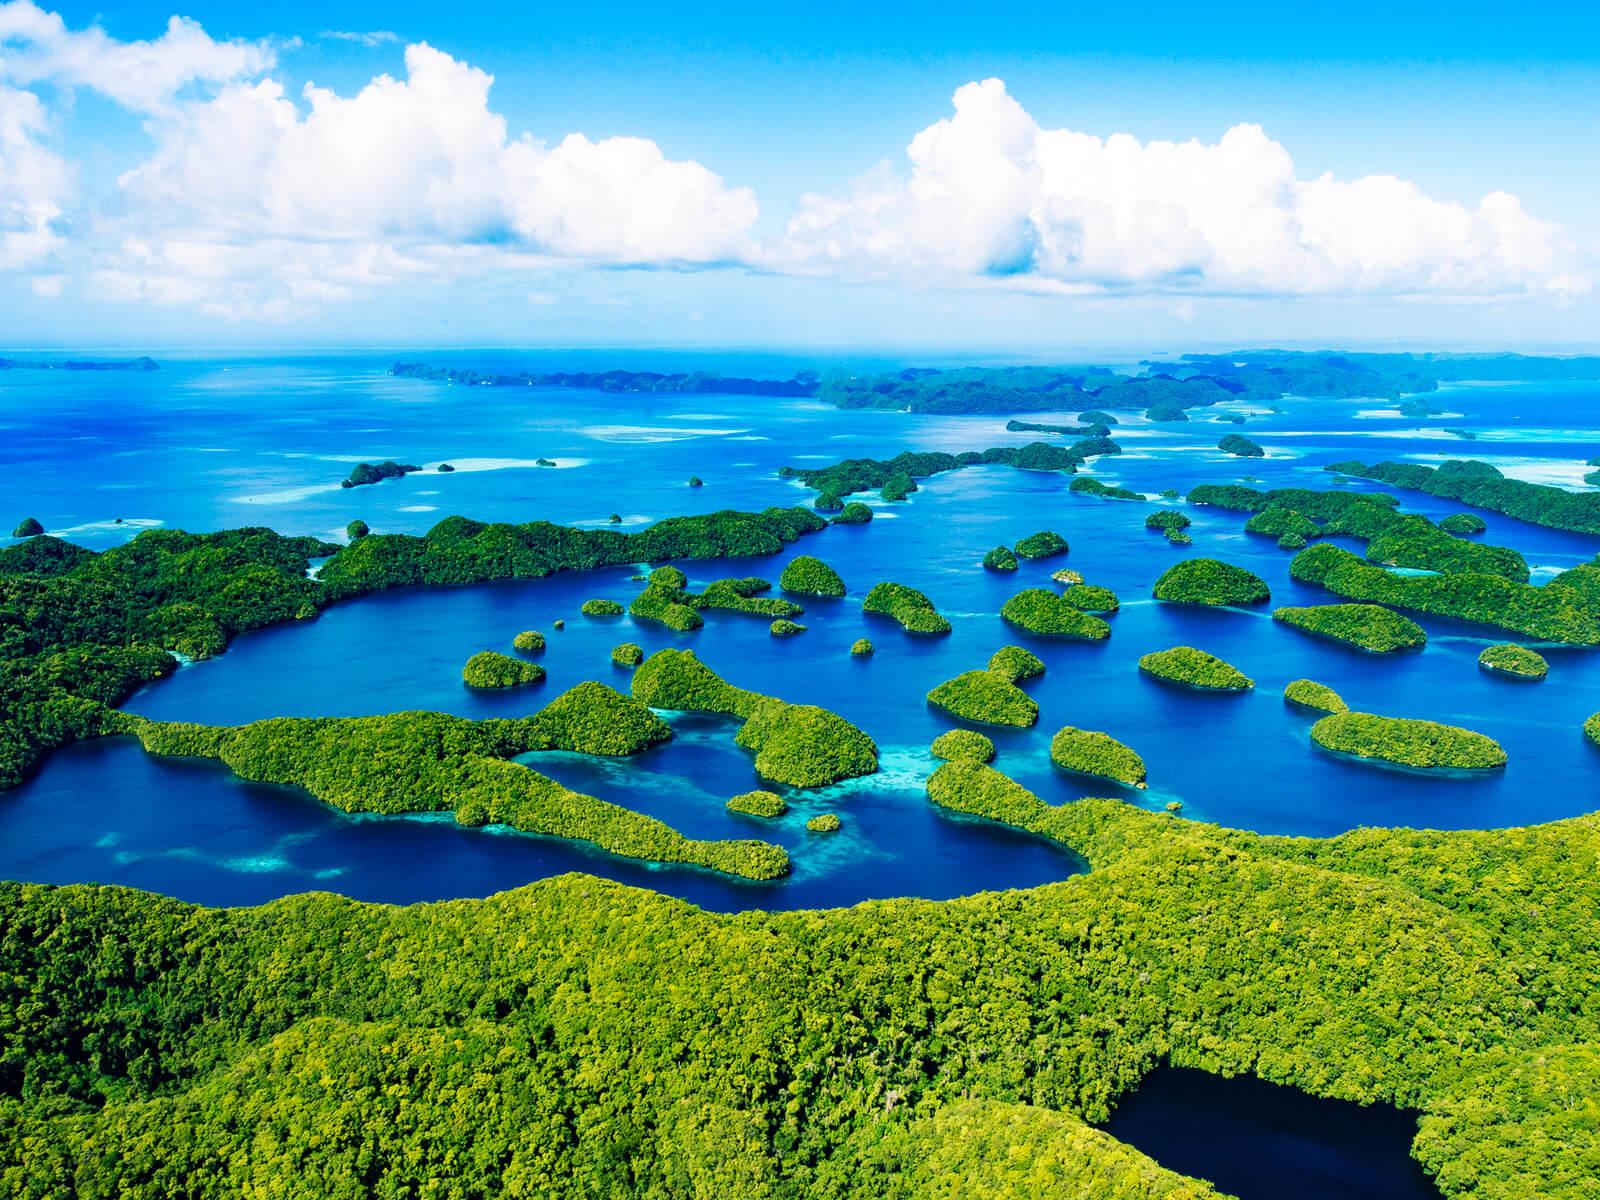 パラオの世界遺産ロックアイランド群の観光名所7選!魅力や行き方を徹底解説